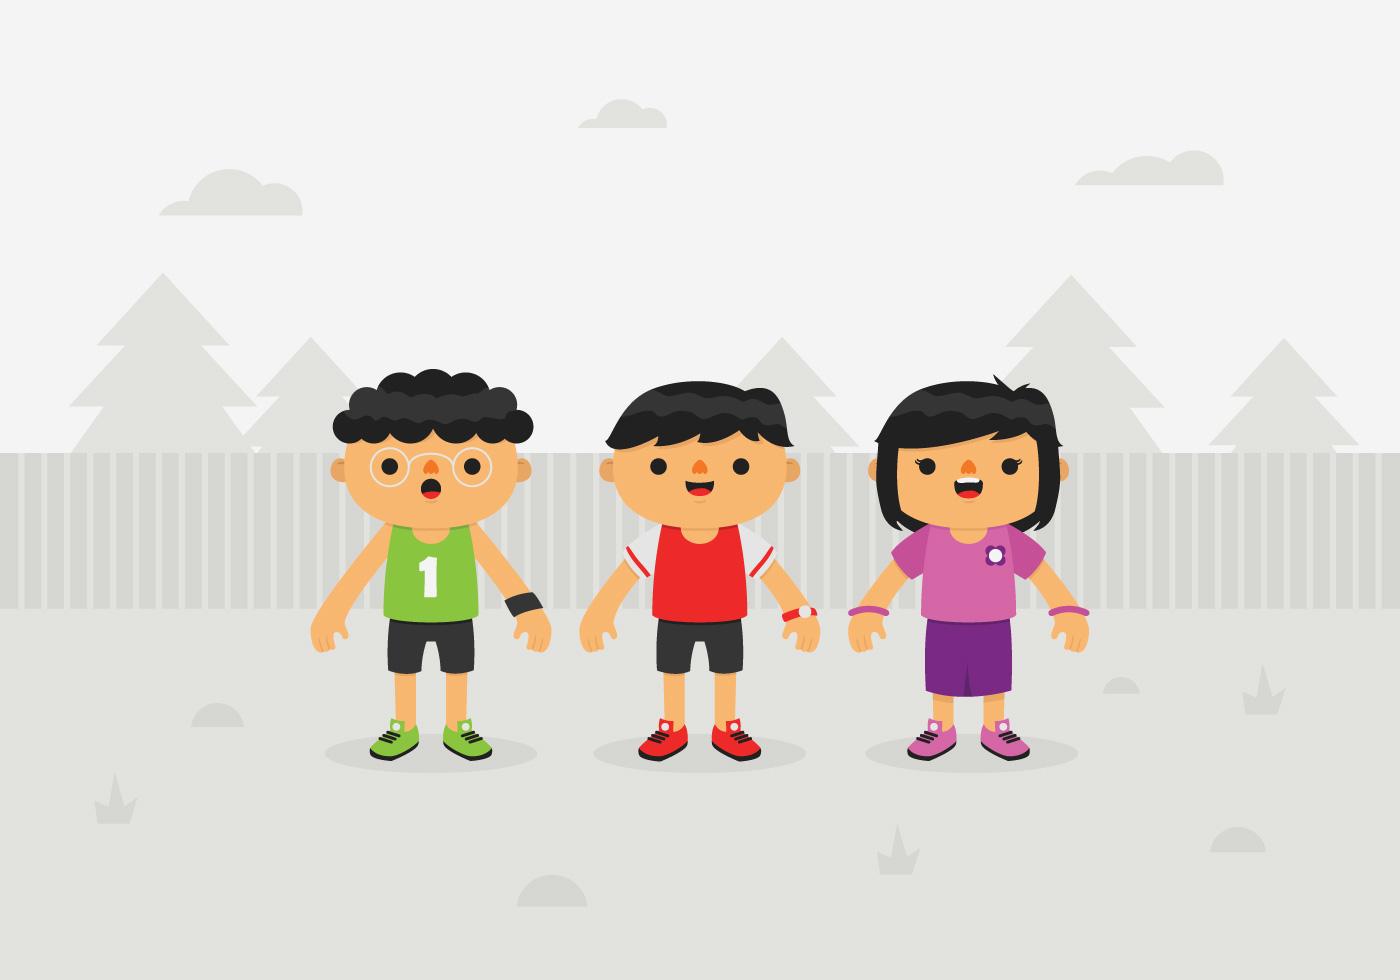 Niños vectoriales - Descargue Gráficos y Vectores Gratis